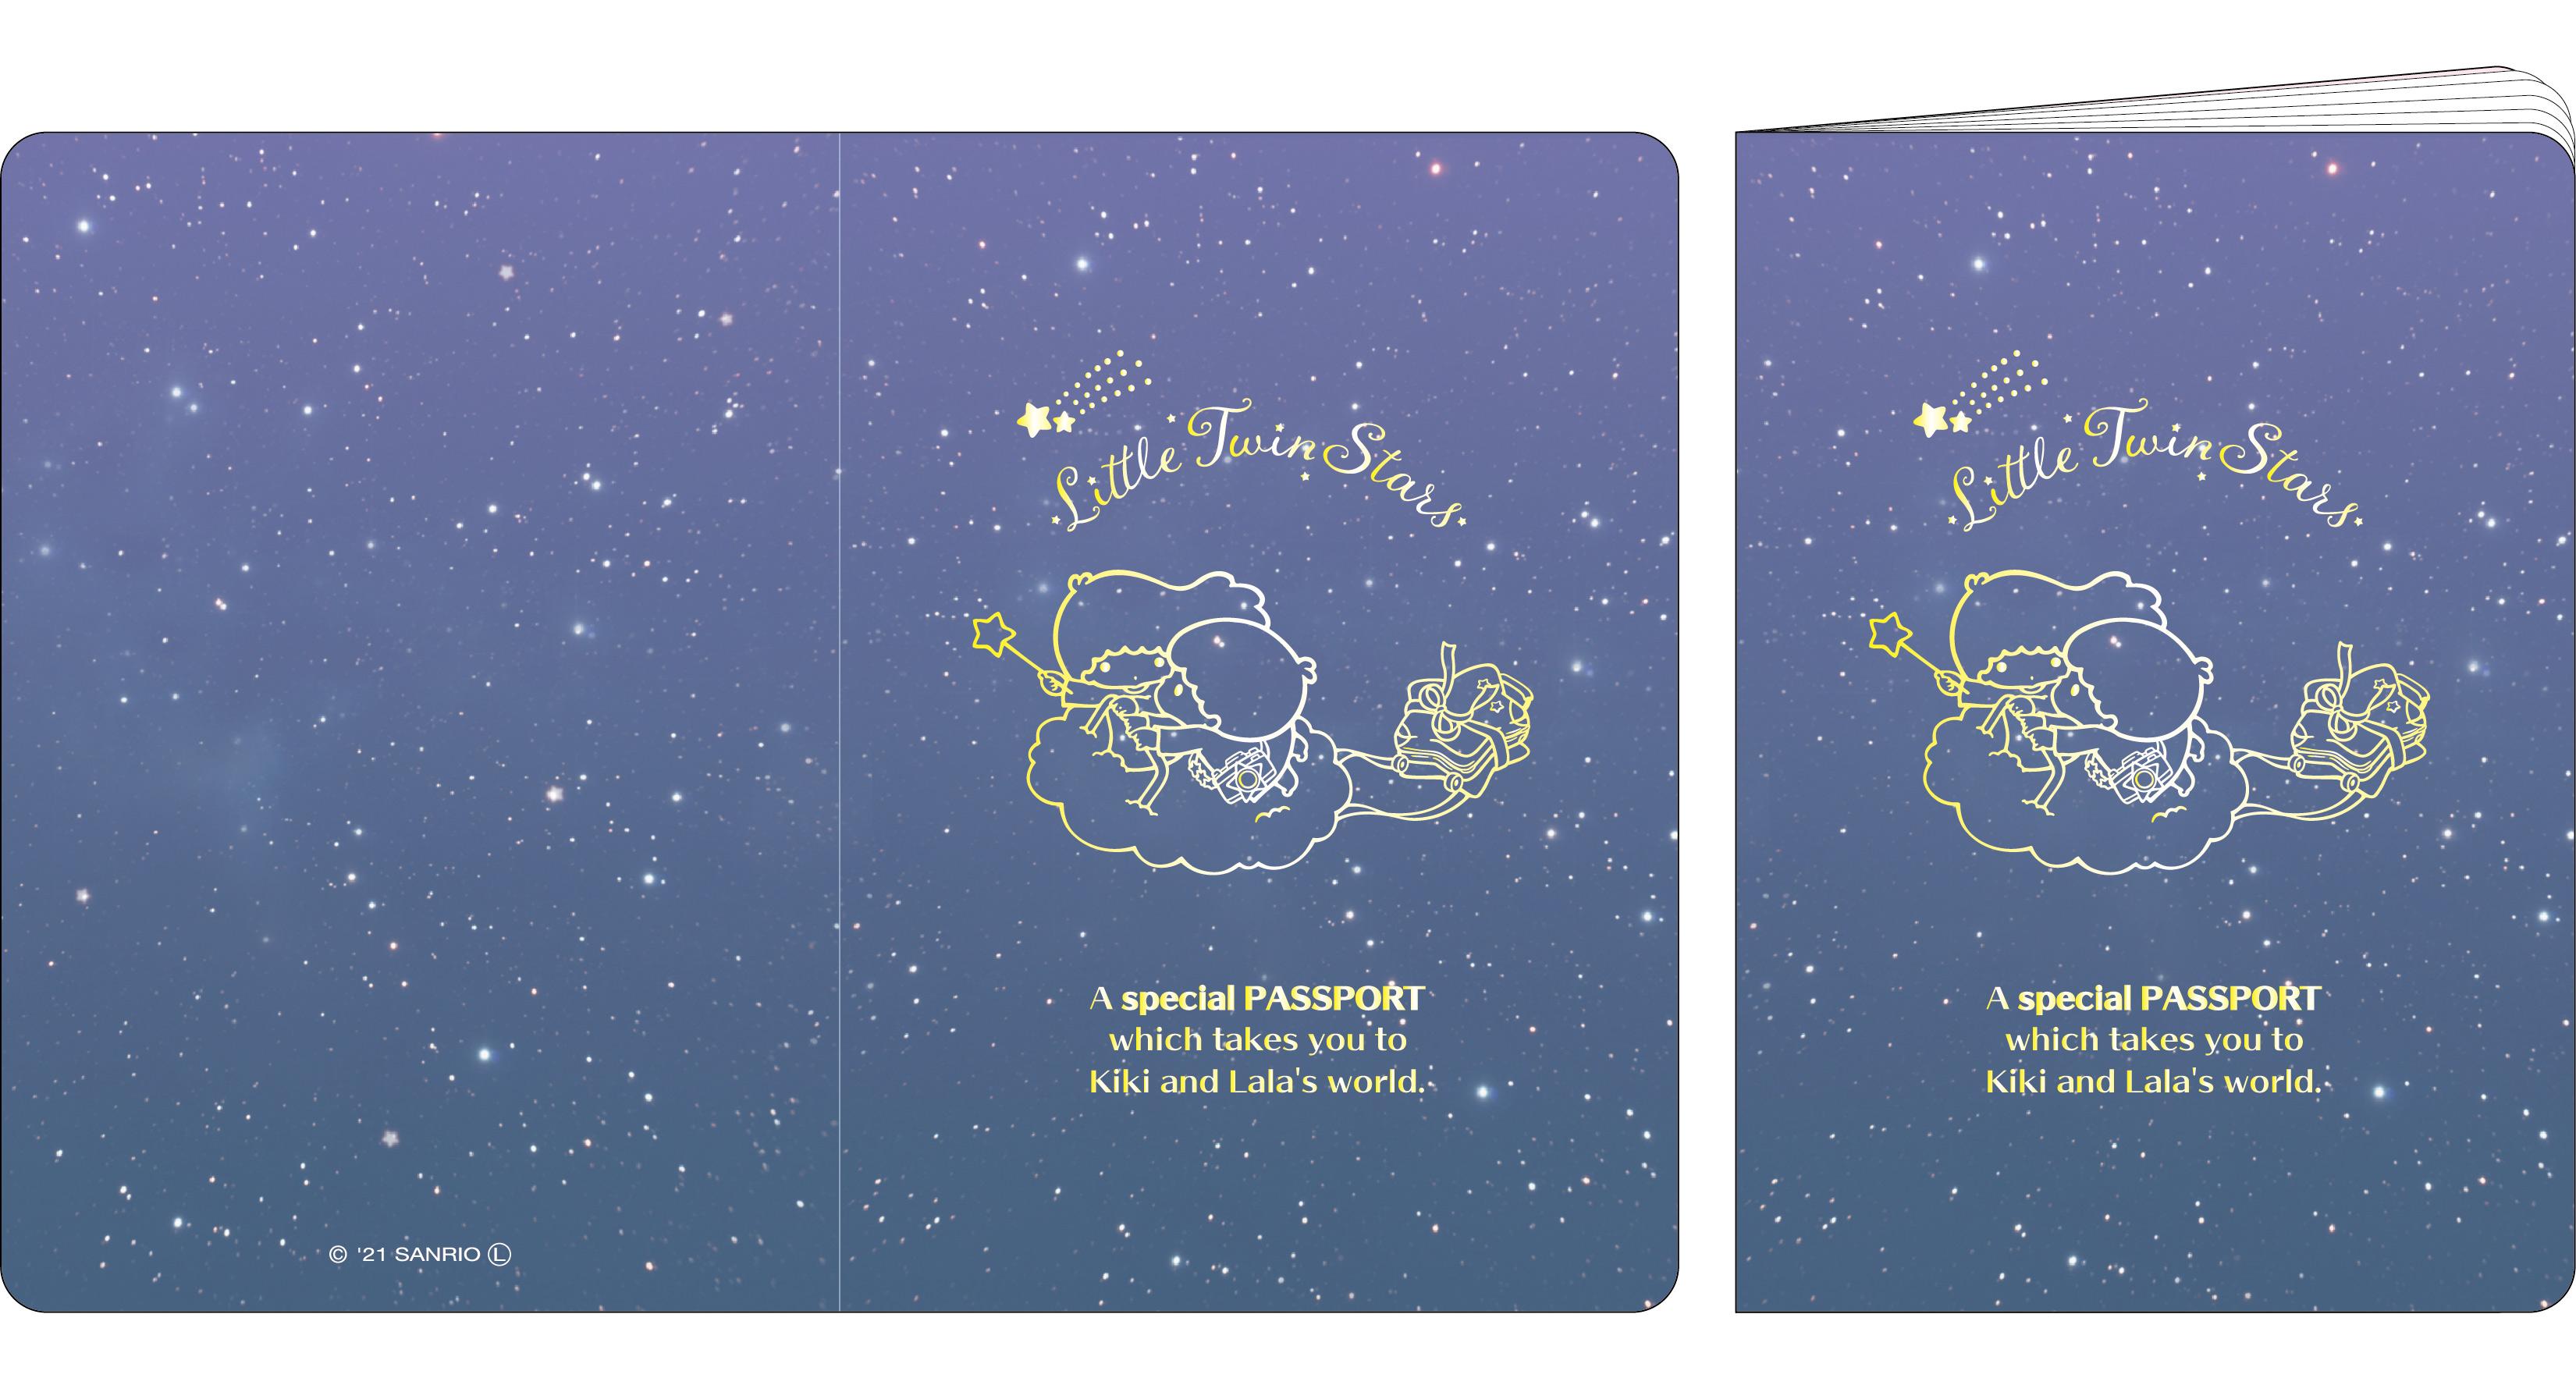 【数量限定グッズ】★ LittleTwinStars パスポート風手帳 ★ LittleTwinStars 夏の夜のファンタジー meets キキ&ララ展 PRODUCED BY LIDDELL